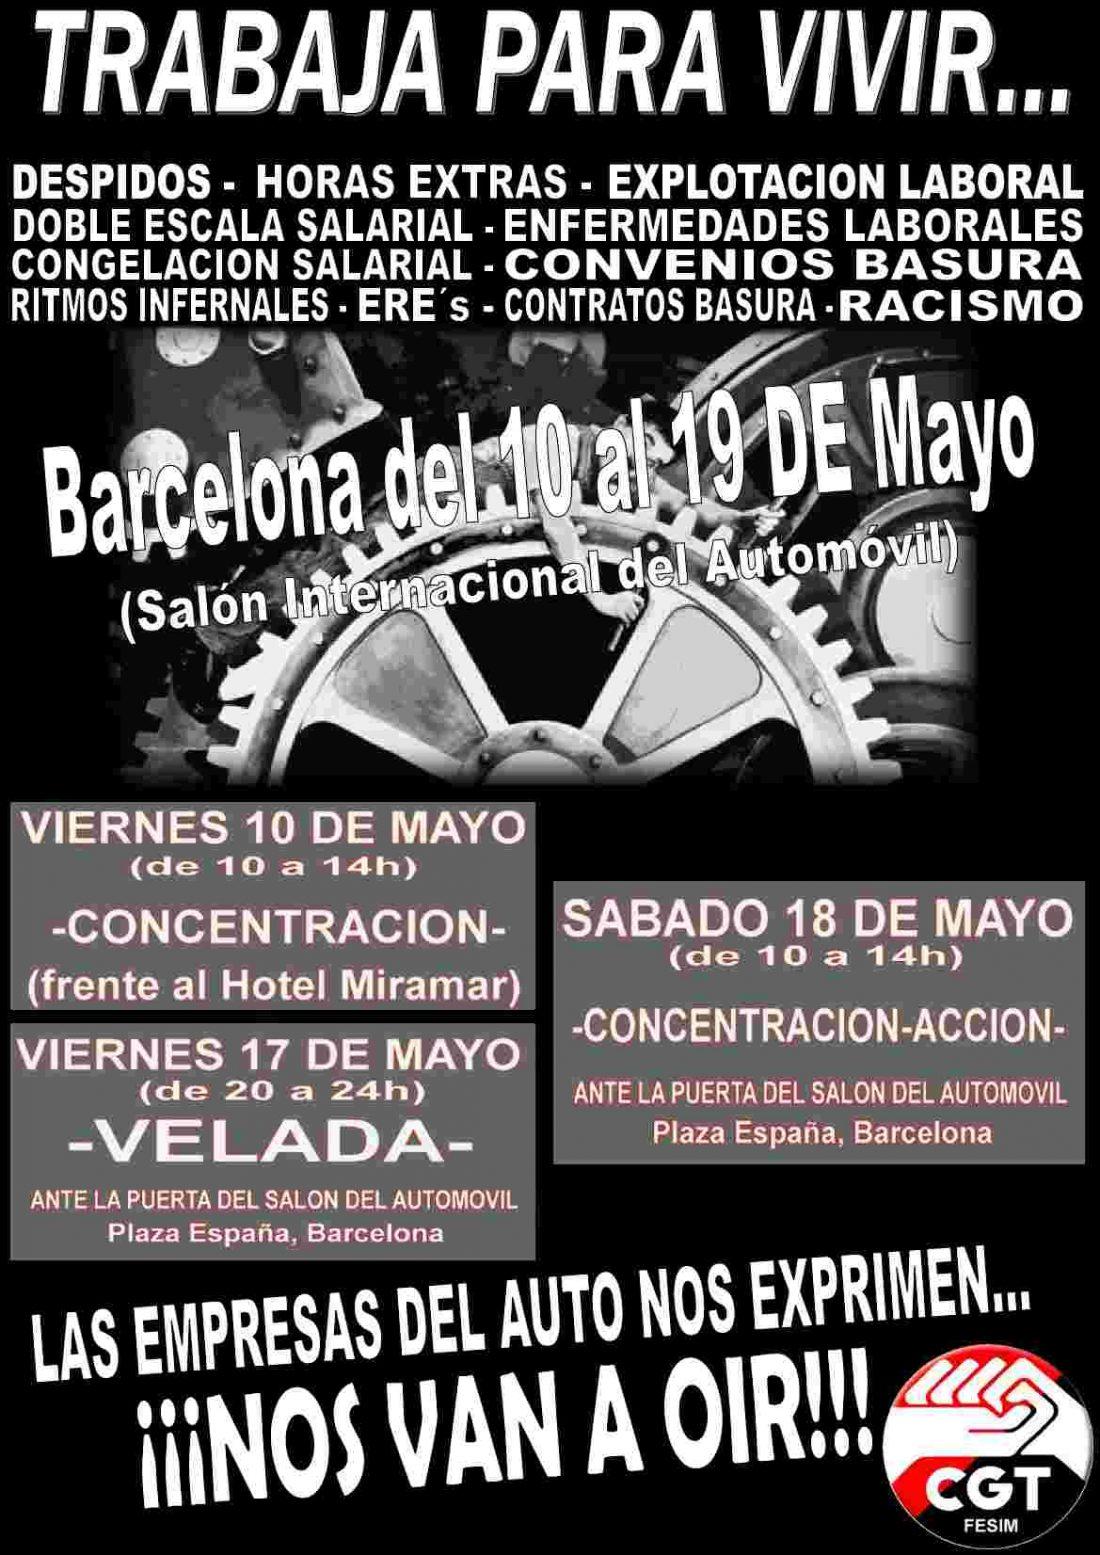 CGT-Metal convoca protestas el viernes 17 y sábado 18 en el Salón del Automóvil de Barcelona (Plaça España junto a las Torres venecianas)